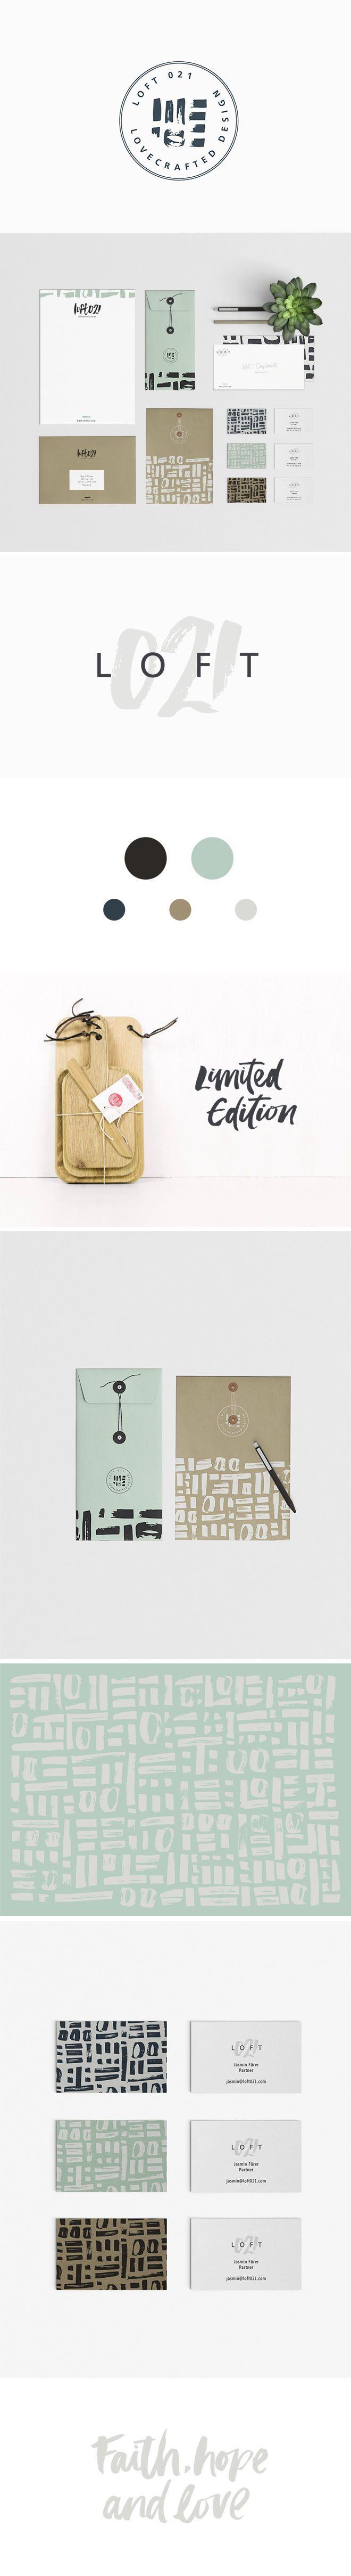 stunning #branding for LOFT021 by Corina Nika #graphicdesign